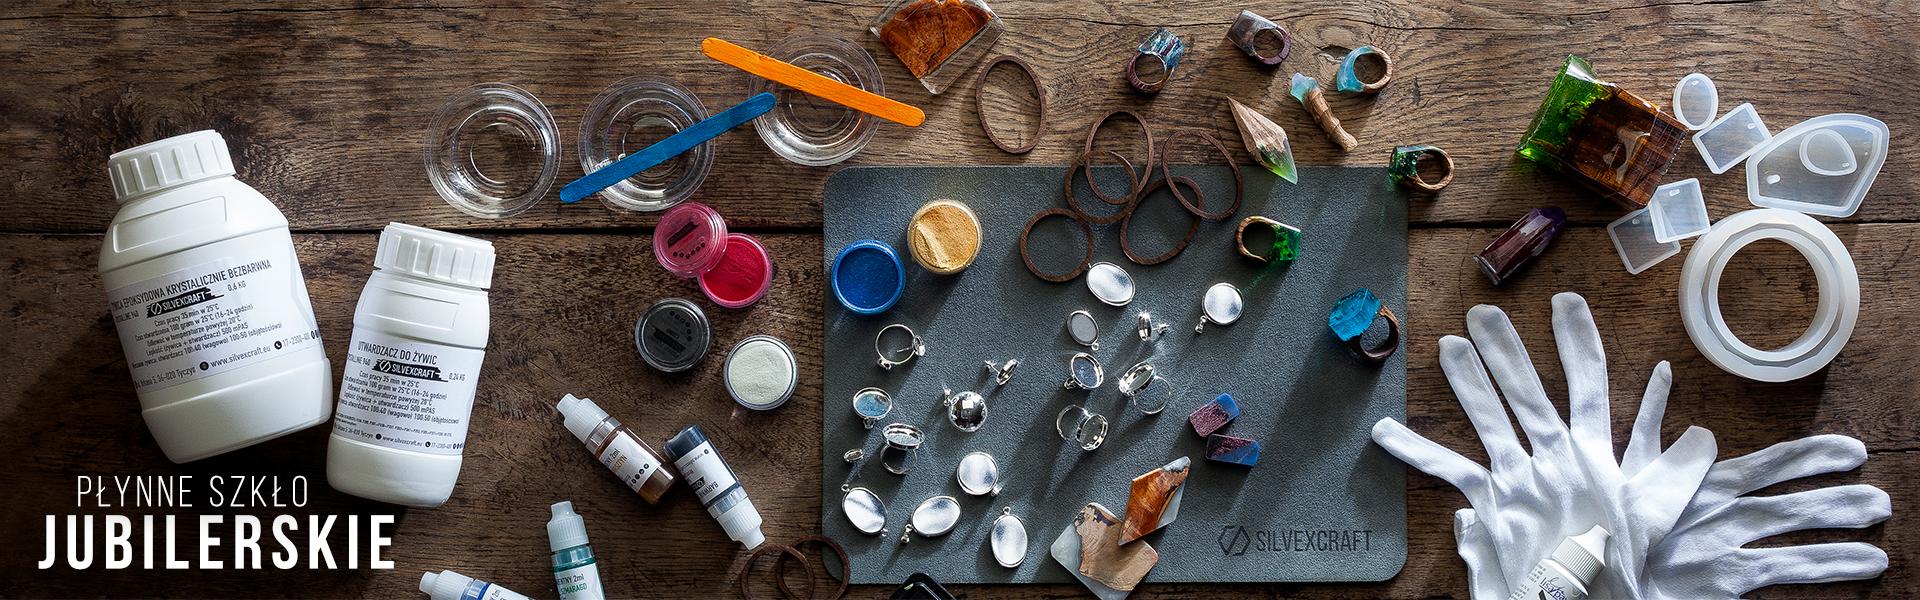 Żywica do biżuterii - sklep z półfabrykatami